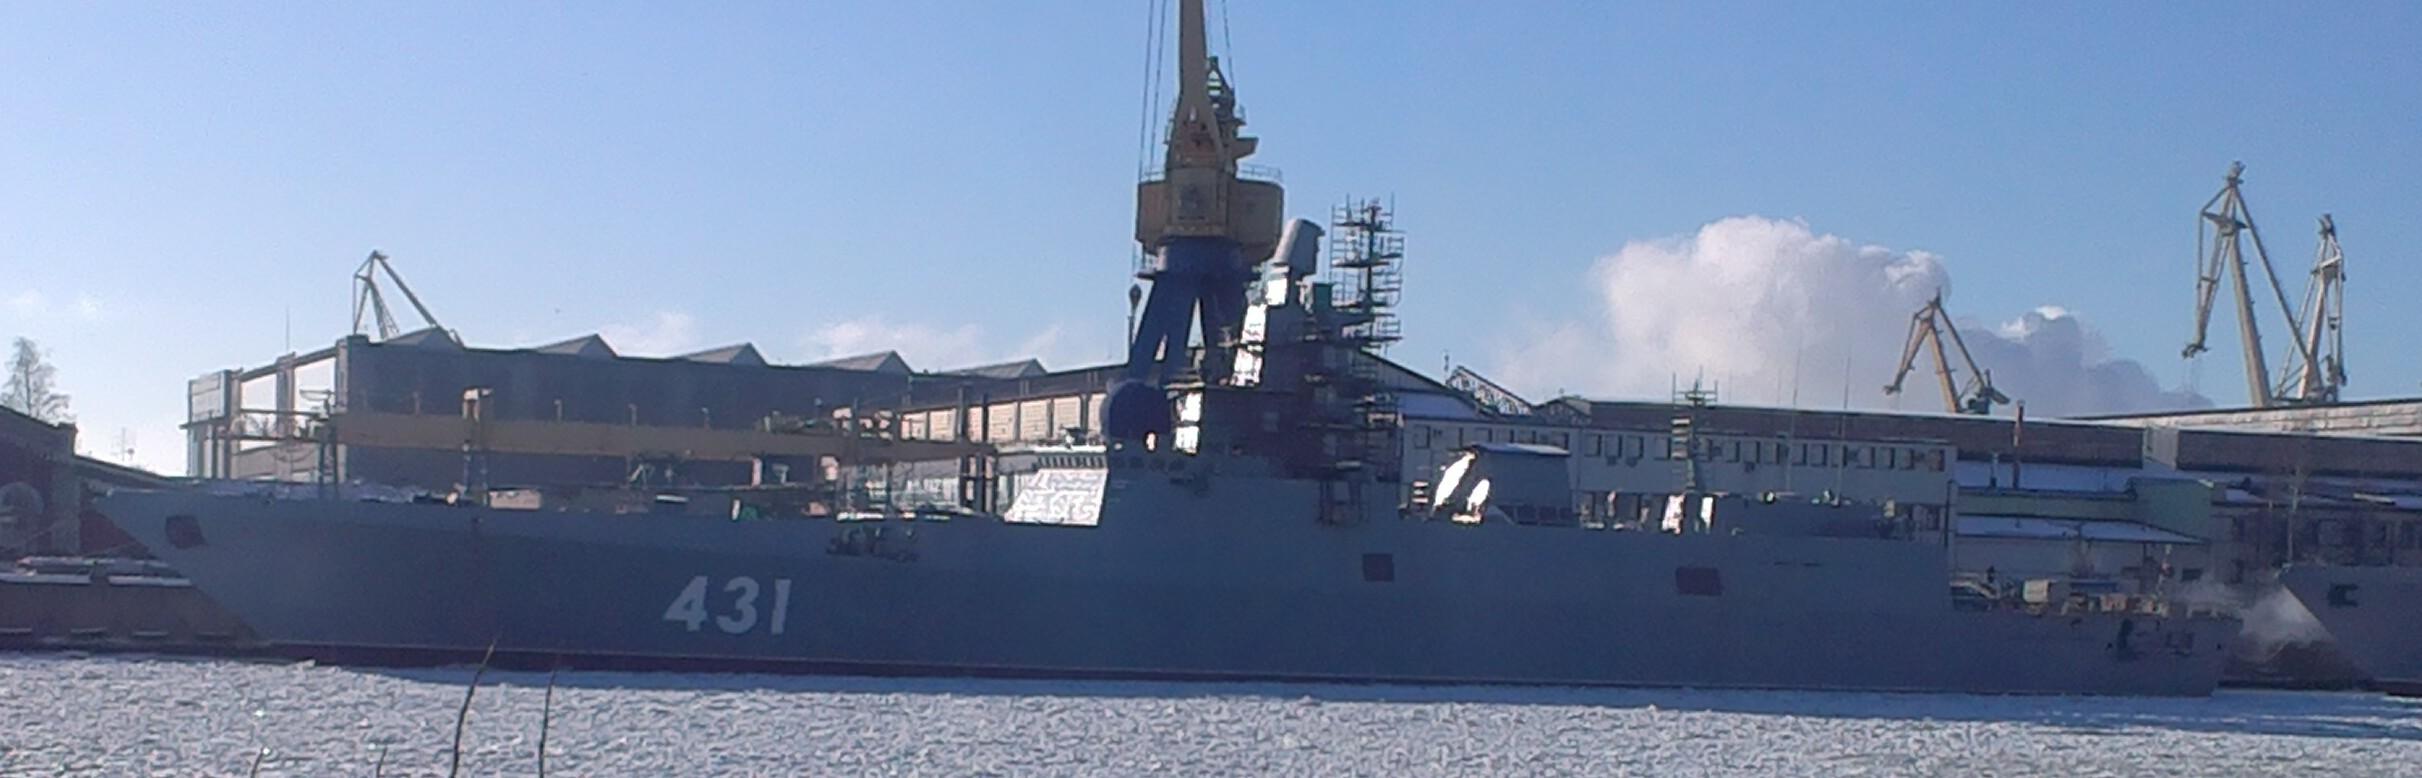 10-4603913-kasatonov-